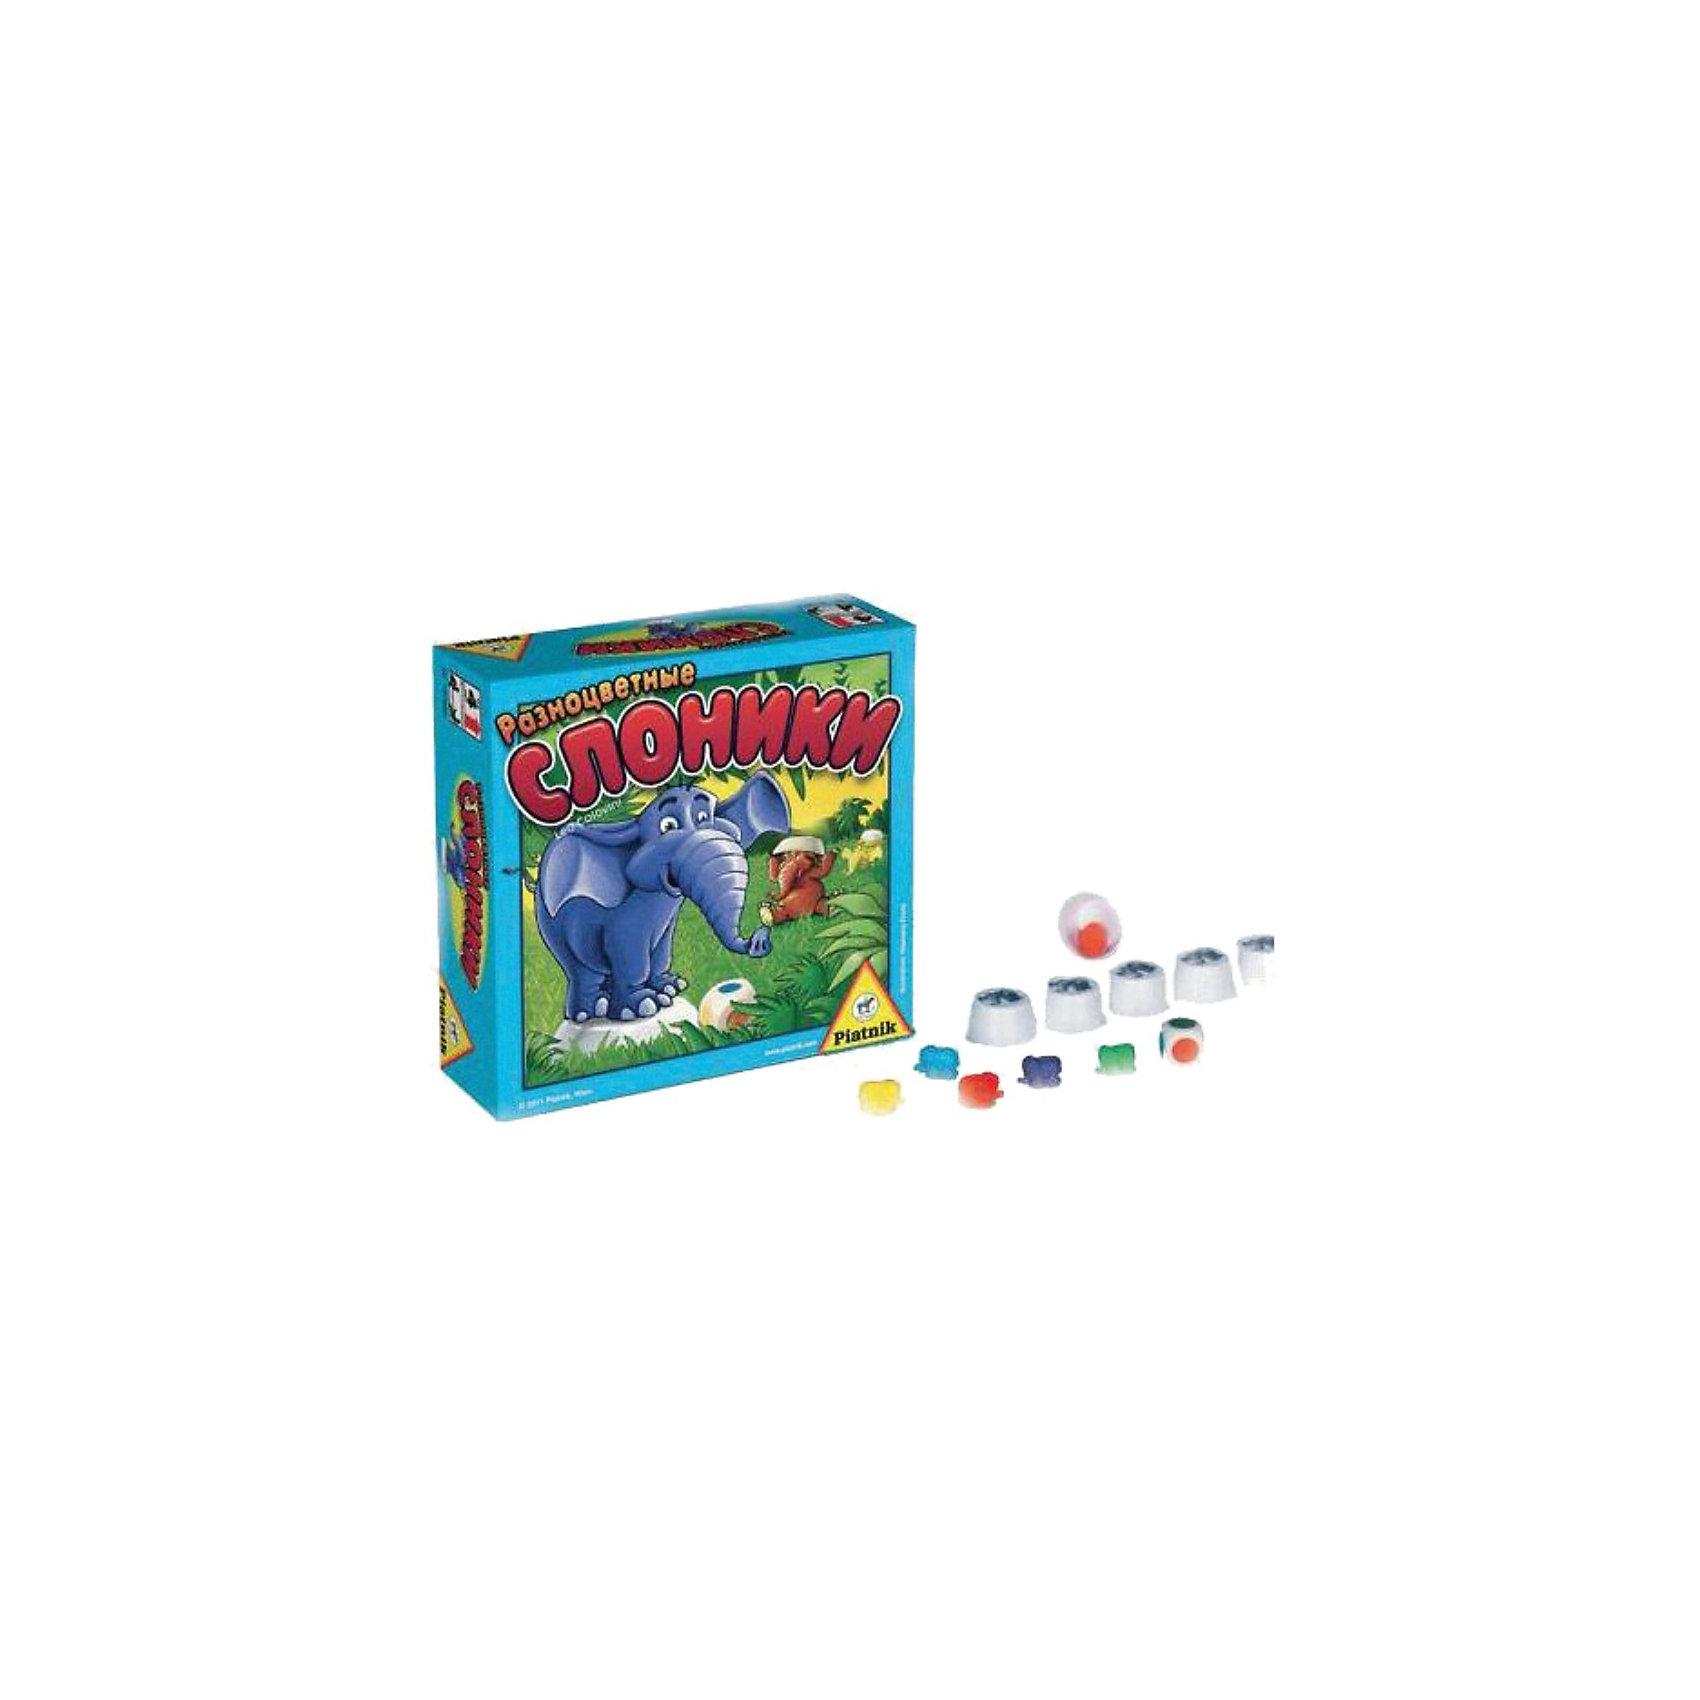 Игра Разноцветные слоники, PiatnikИгра Разноцветные слоники, Piatnik  –  это очень простая и увлекательная игра, которая тренирует память.<br>Яркие разноцветные слоники принесут малышам массу положительных эмоций, хорошего настроения и смеха. Игра предназначена для развития памяти, в том числе визуальной, у детей. Цель игры – найти слоника соответствующего цвета. Веселые разноцветные слоники решили поиграть в прятки – они прячутся под специальными колпачками. Задача игроков, запомнить, какой слоник под каким колпачком спрятался, чтобы во время своего хода быстро его отыскать. Игральный кубик покажет цвет слоника, которого нужно найти. Выиграет тот игрок, который будет лучше всех находить разноцветных слоников. Все компоненты игры выполнены из безопасных материалов, что позволяет играть даже самым маленьким игрокам.<br><br>Дополнительная информация:<br><br>- Количество игроков: от 2 до 5 человек<br>- Среднее время игры: 10 мин.<br>- В комплекте: 42 слоника, 22 колпачка, листок с наклейками, игральный кубик, правила игры<br>- Материал: пластик, бумага<br>- Размер упаковки: 16,5х16,5х6 см.<br>- Вес: 375 гр.<br><br>Игру Разноцветные слоники, Piatnik можно купить в нашем интернет-магазине.<br><br>Ширина мм: 55<br>Глубина мм: 165<br>Высота мм: 165<br>Вес г: 375<br>Возраст от месяцев: 48<br>Возраст до месяцев: 96<br>Пол: Унисекс<br>Возраст: Детский<br>SKU: 3770903